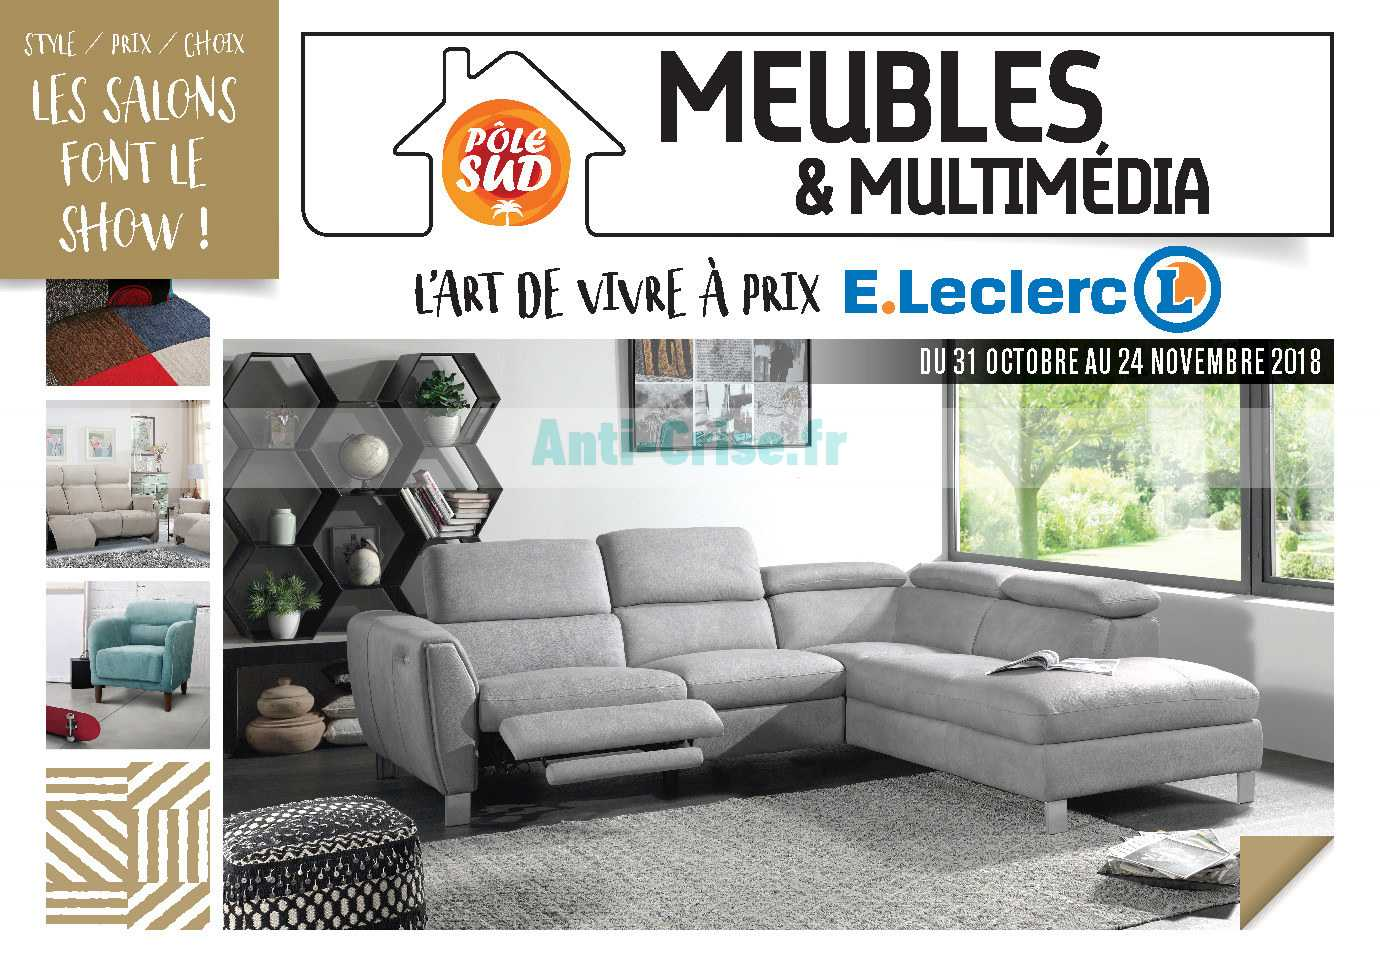 Leclerc Local Le Nouveau Catalogue Du 31 Octobre Au 24 Novembre 2018 Est Disponible Ne Manquez Pas Les Reductions Du Catalogue